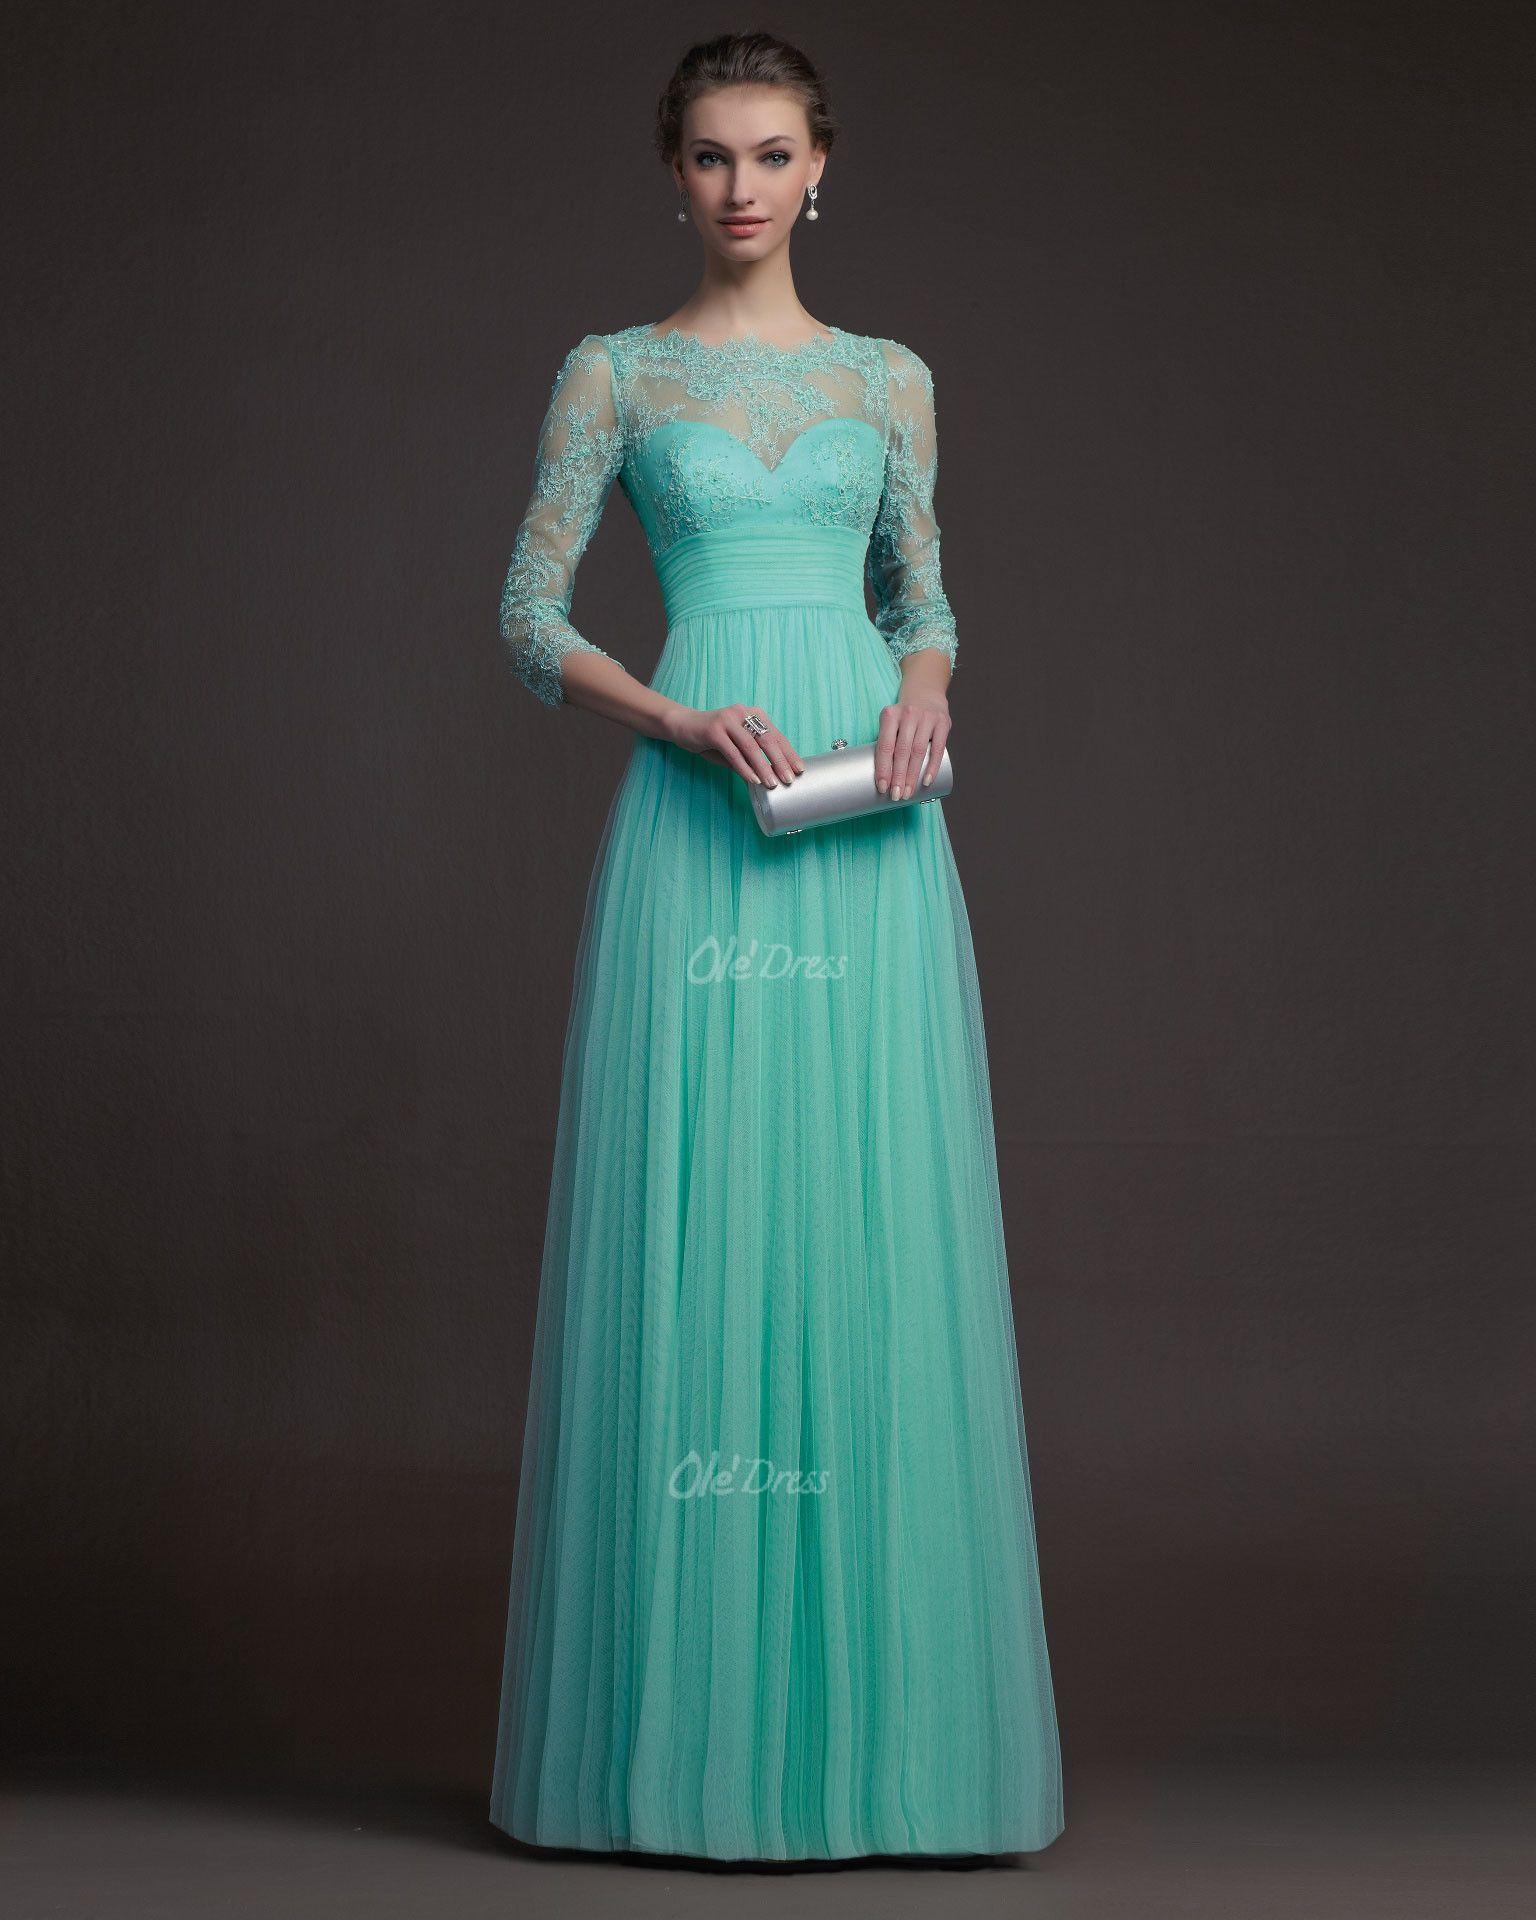 Vestidos color turquesa buscar con google pretty princes